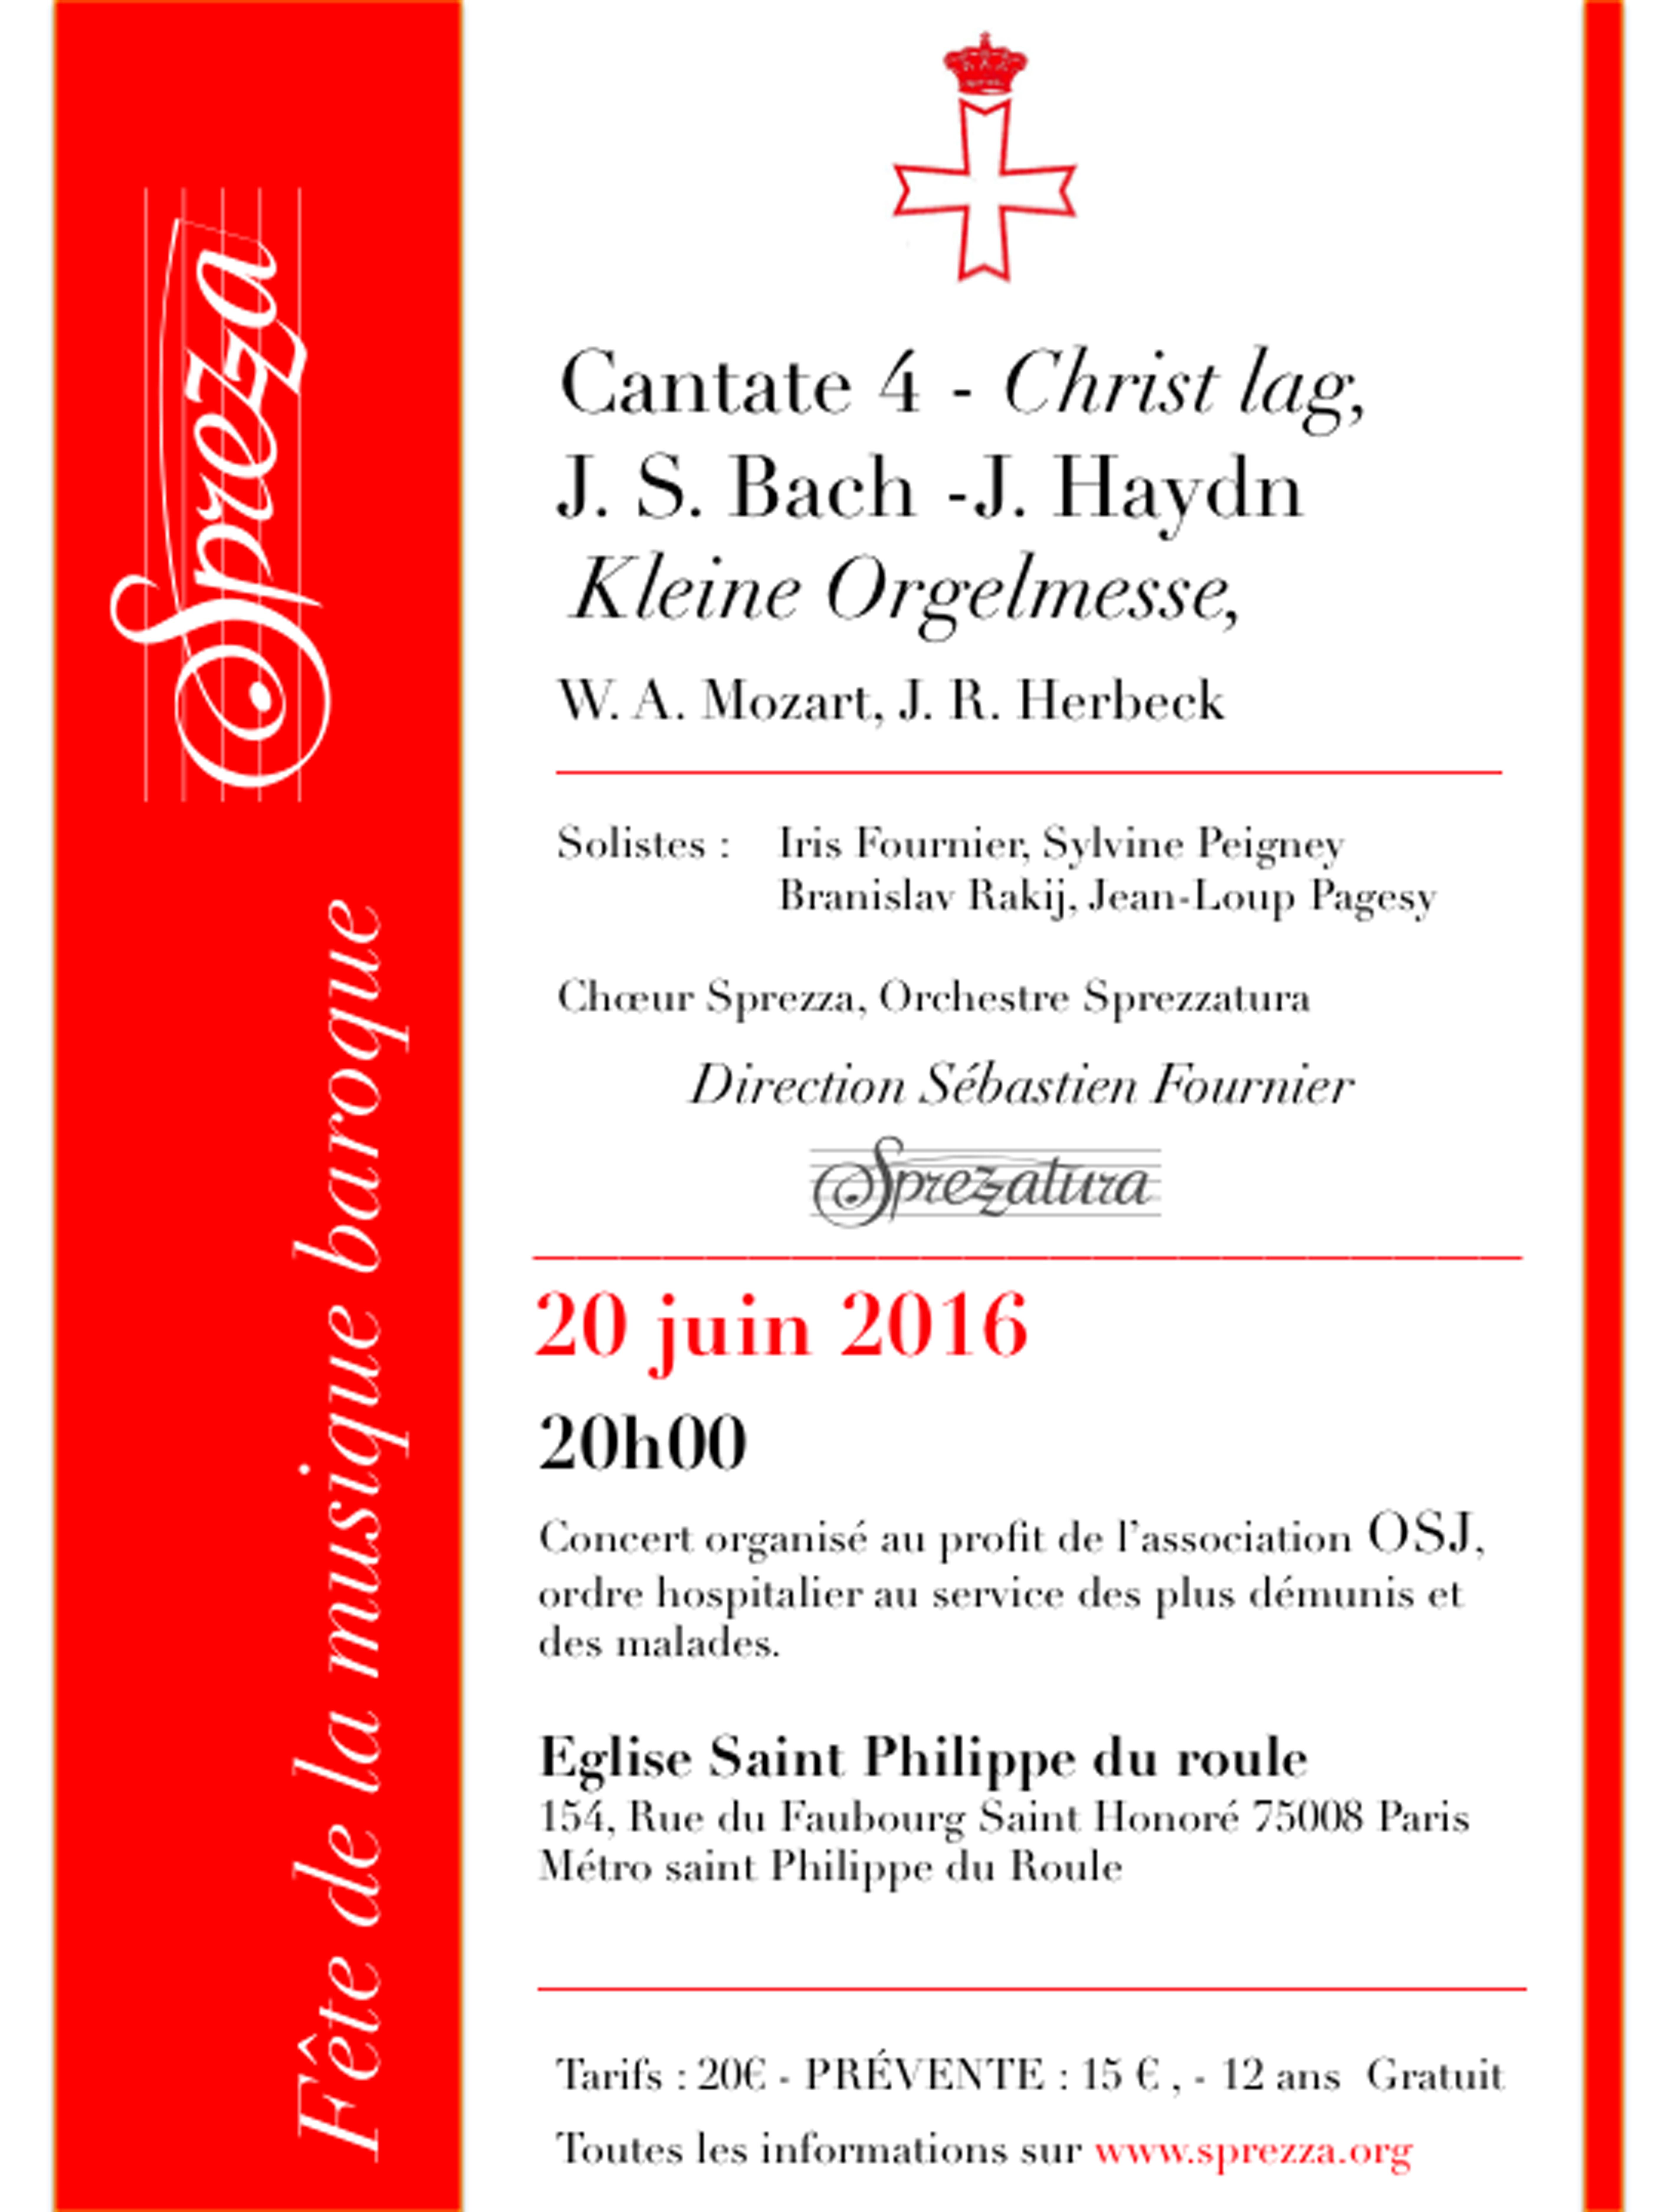 Affiche Concert Sprezza 20 juin 2016 V2